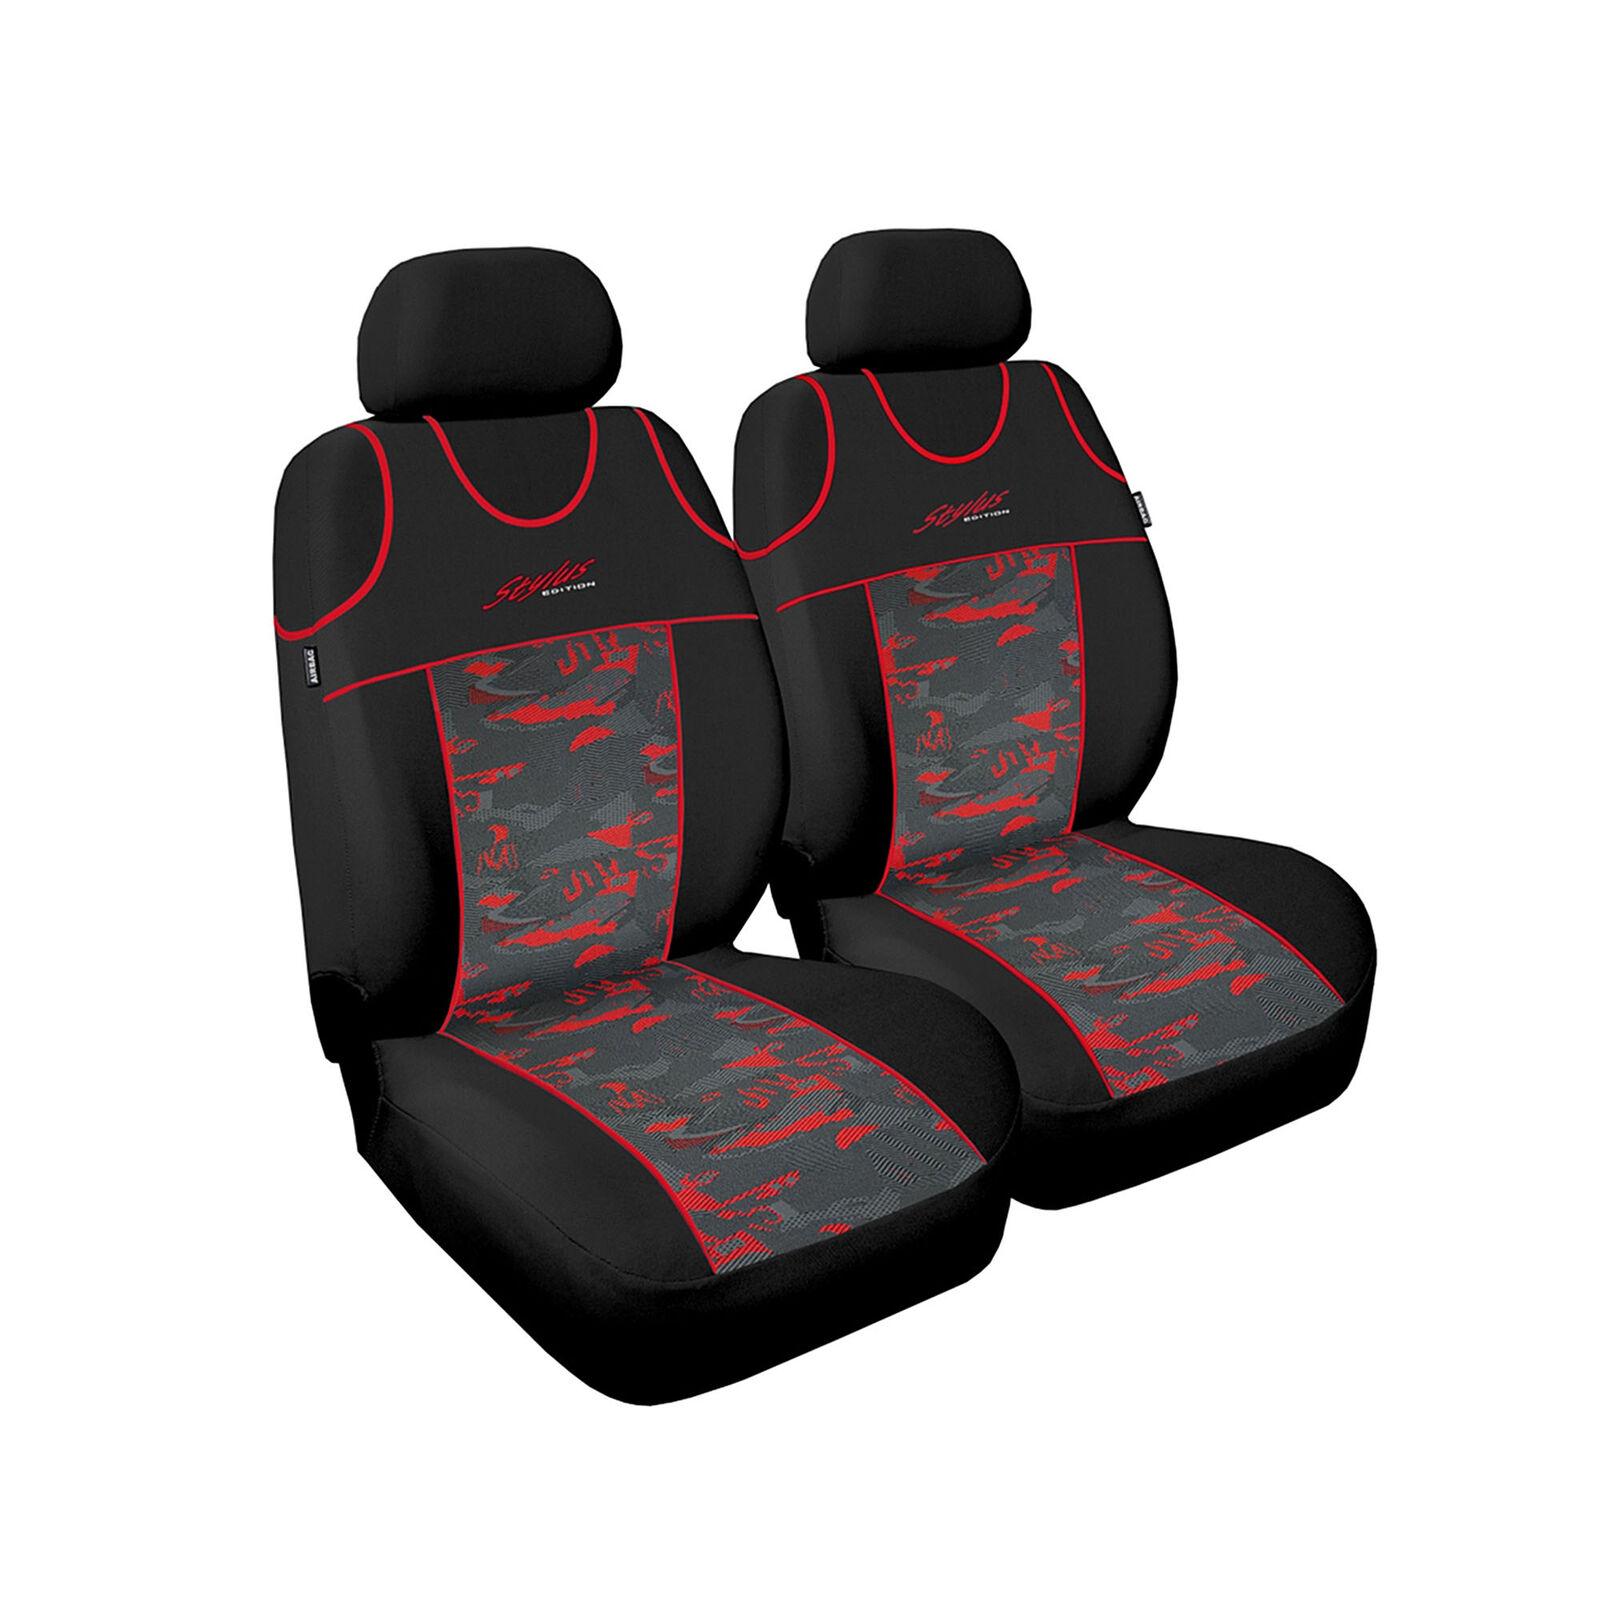 Sitzbezug klimatisierend schwarz für VW Volkswagen Tiguan 1 5N Geländewagen SUV